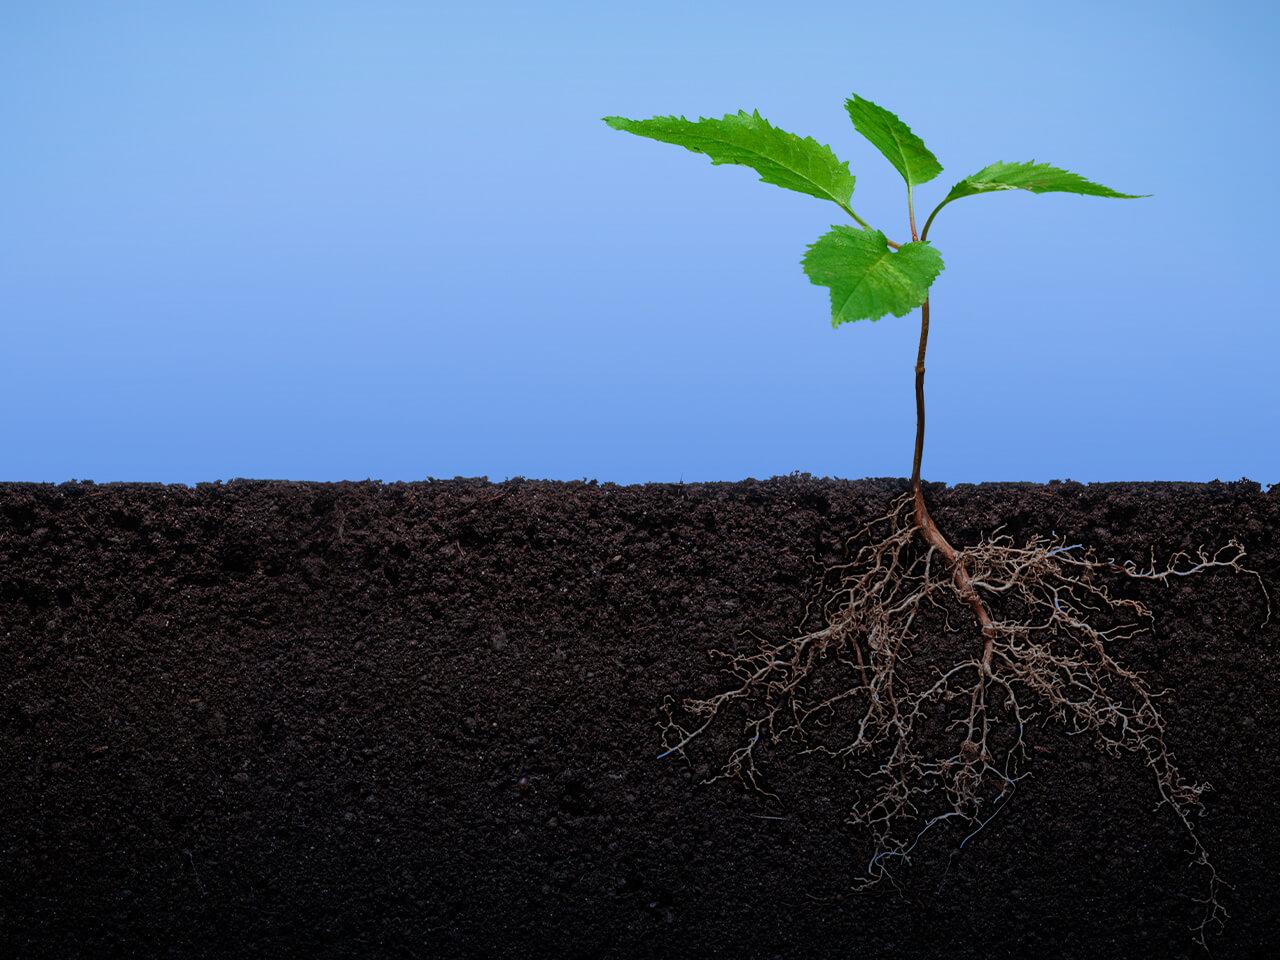 人类的各项宏伟环保计划为什么没有实现预期目标?